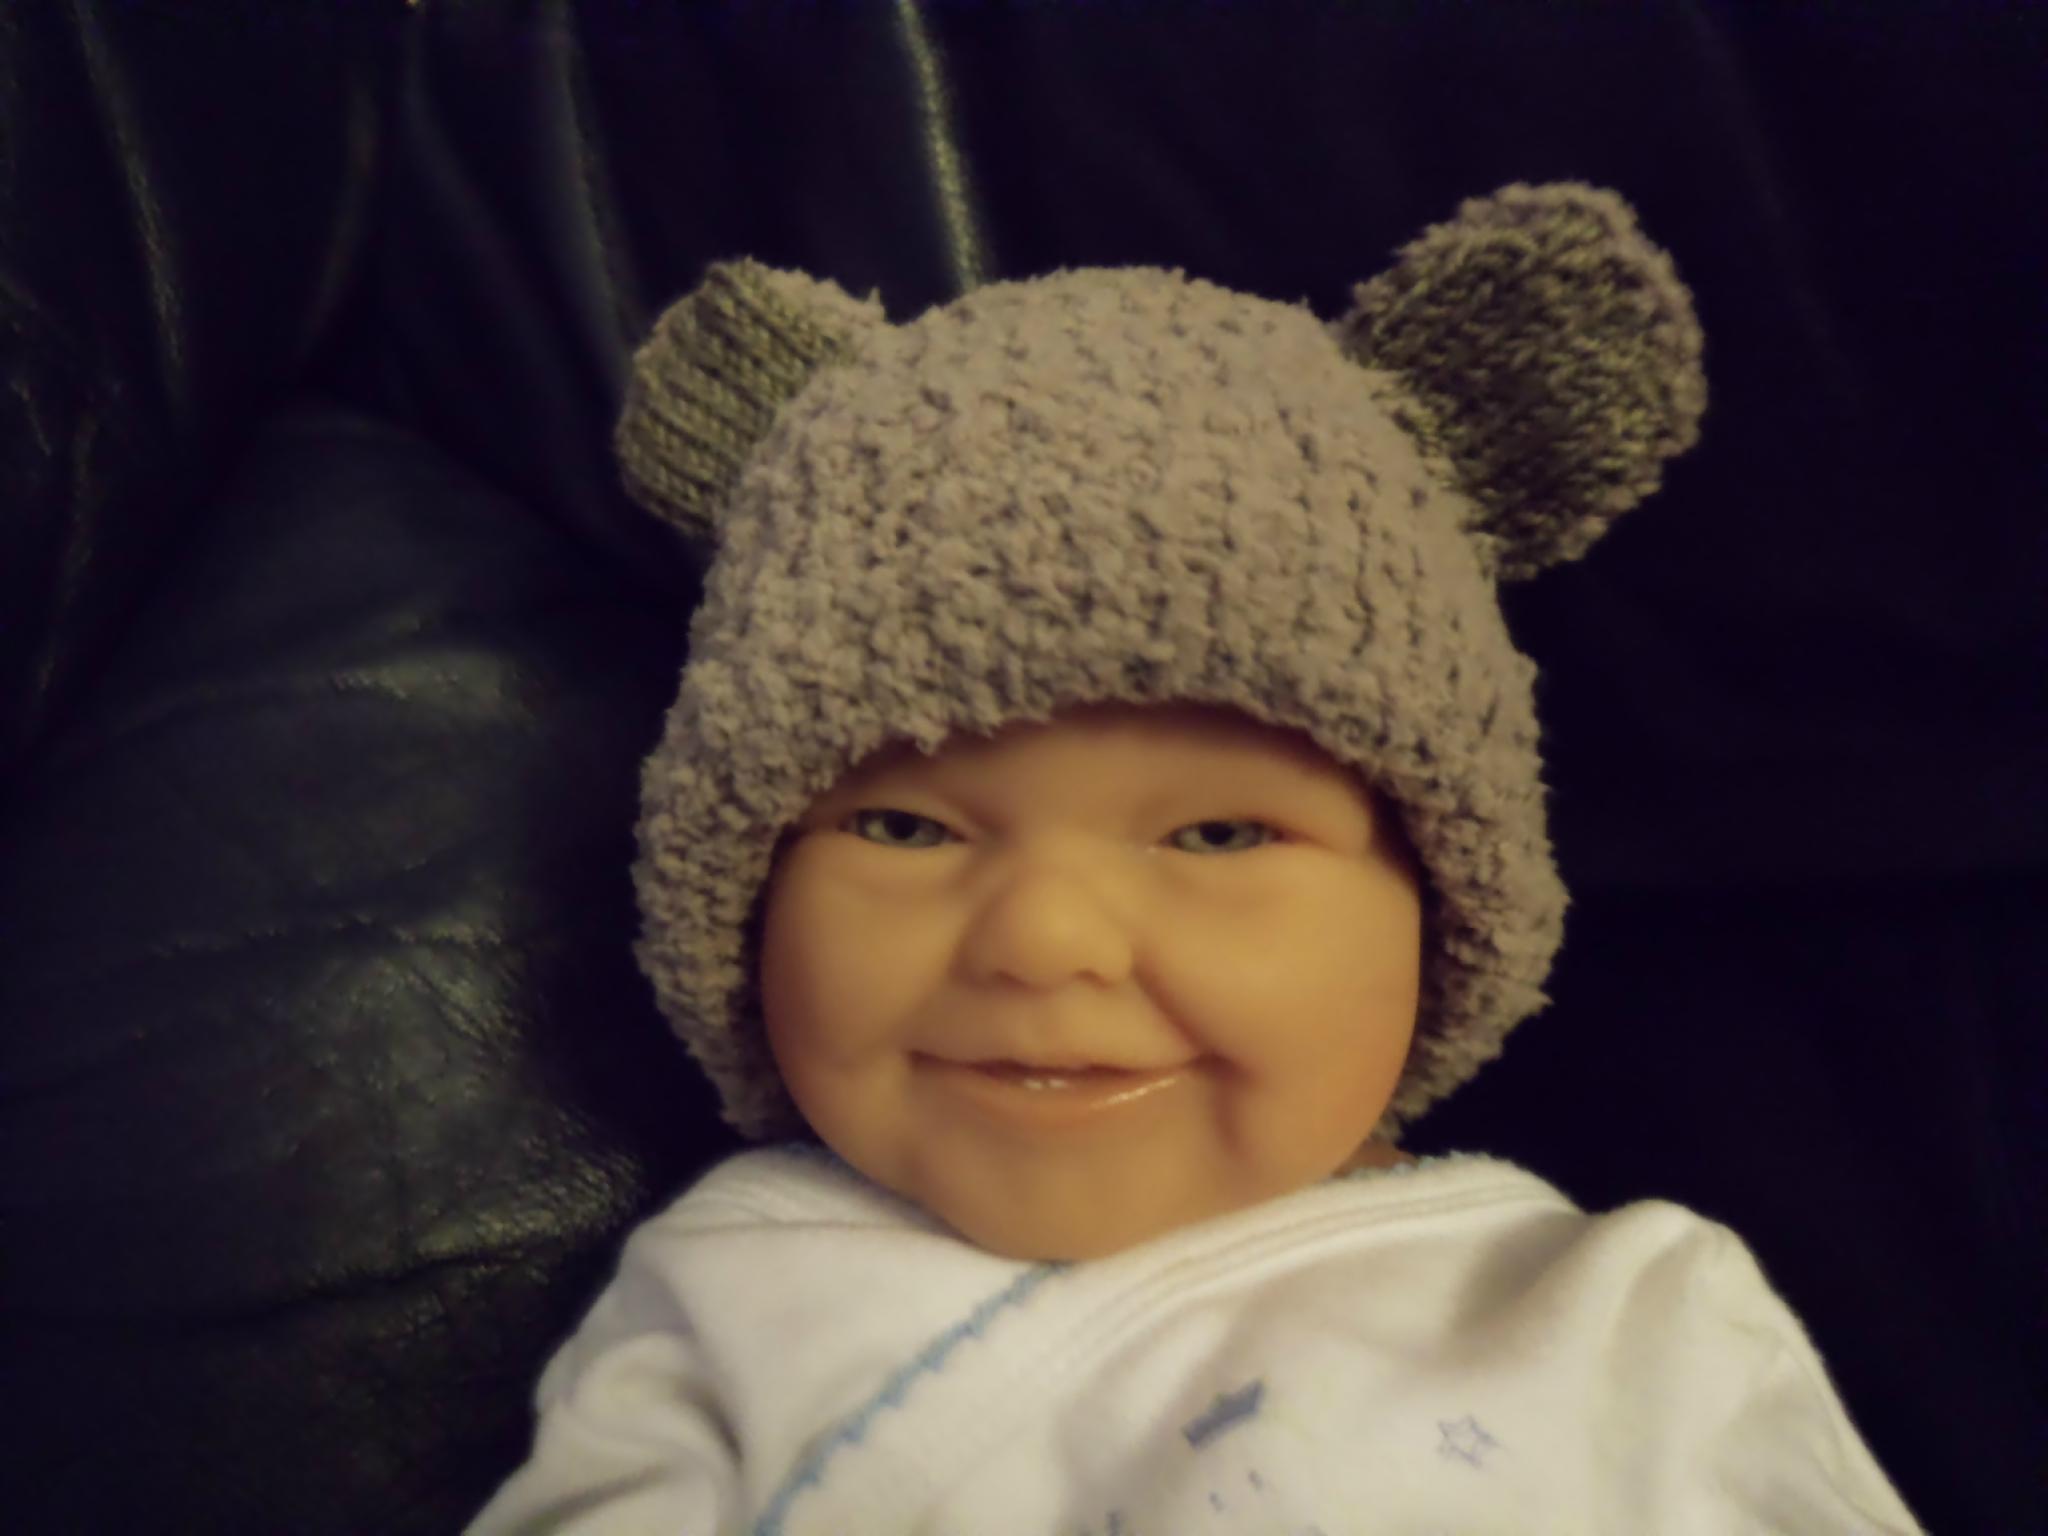 Tricoter un bonnet bébé avec oreilles - Idées de tricot gratuit 3a9f4a6edc6